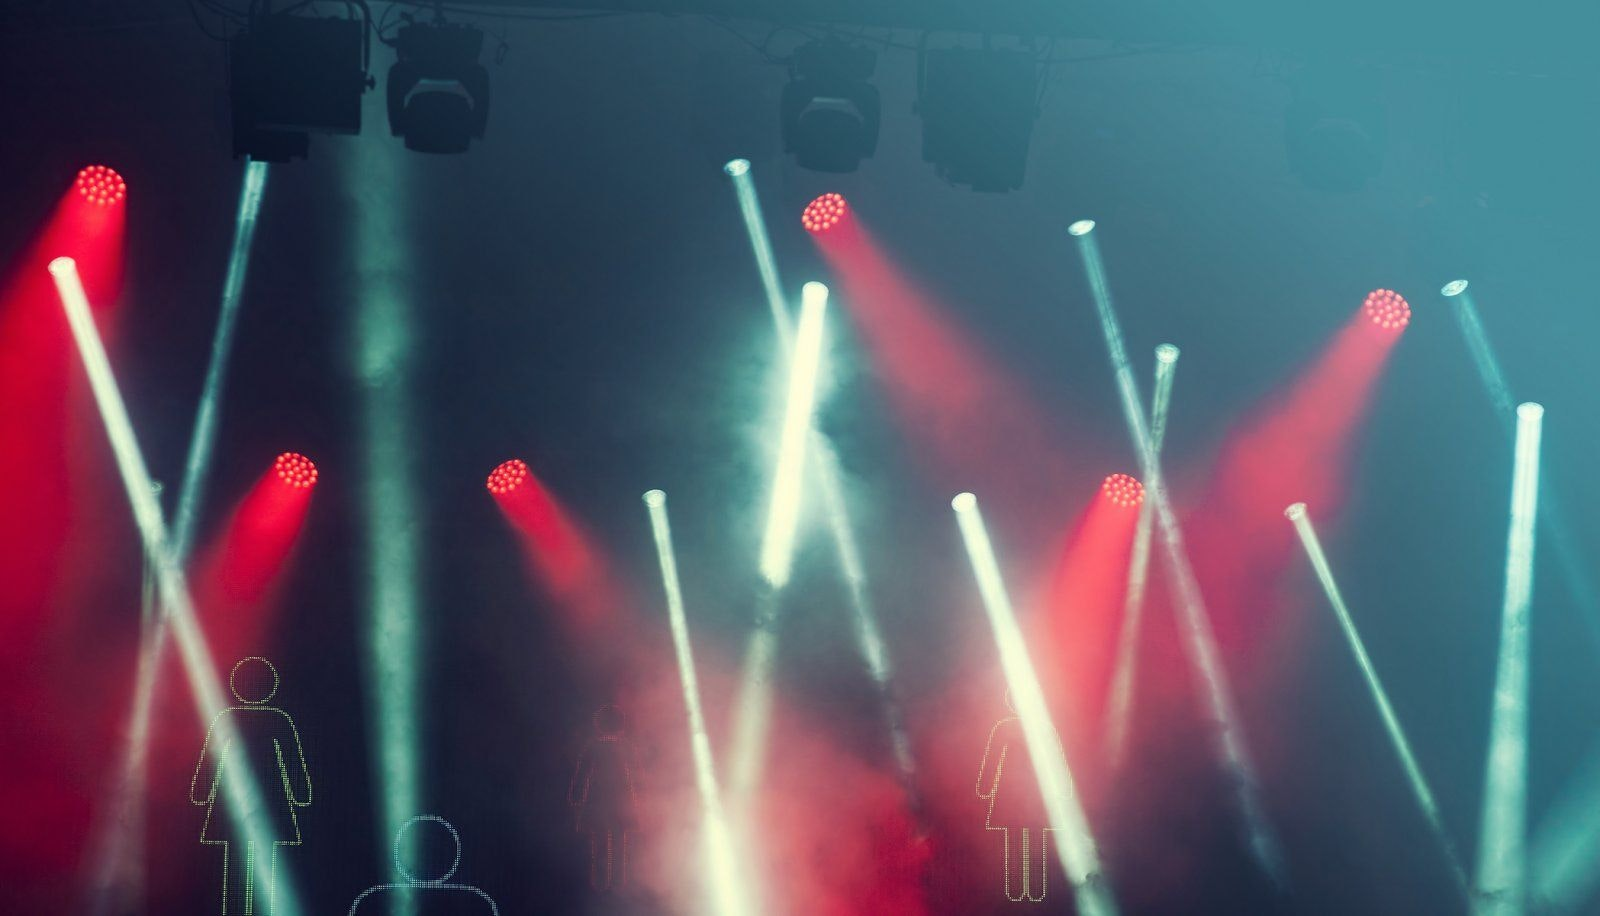 laser-show-licht